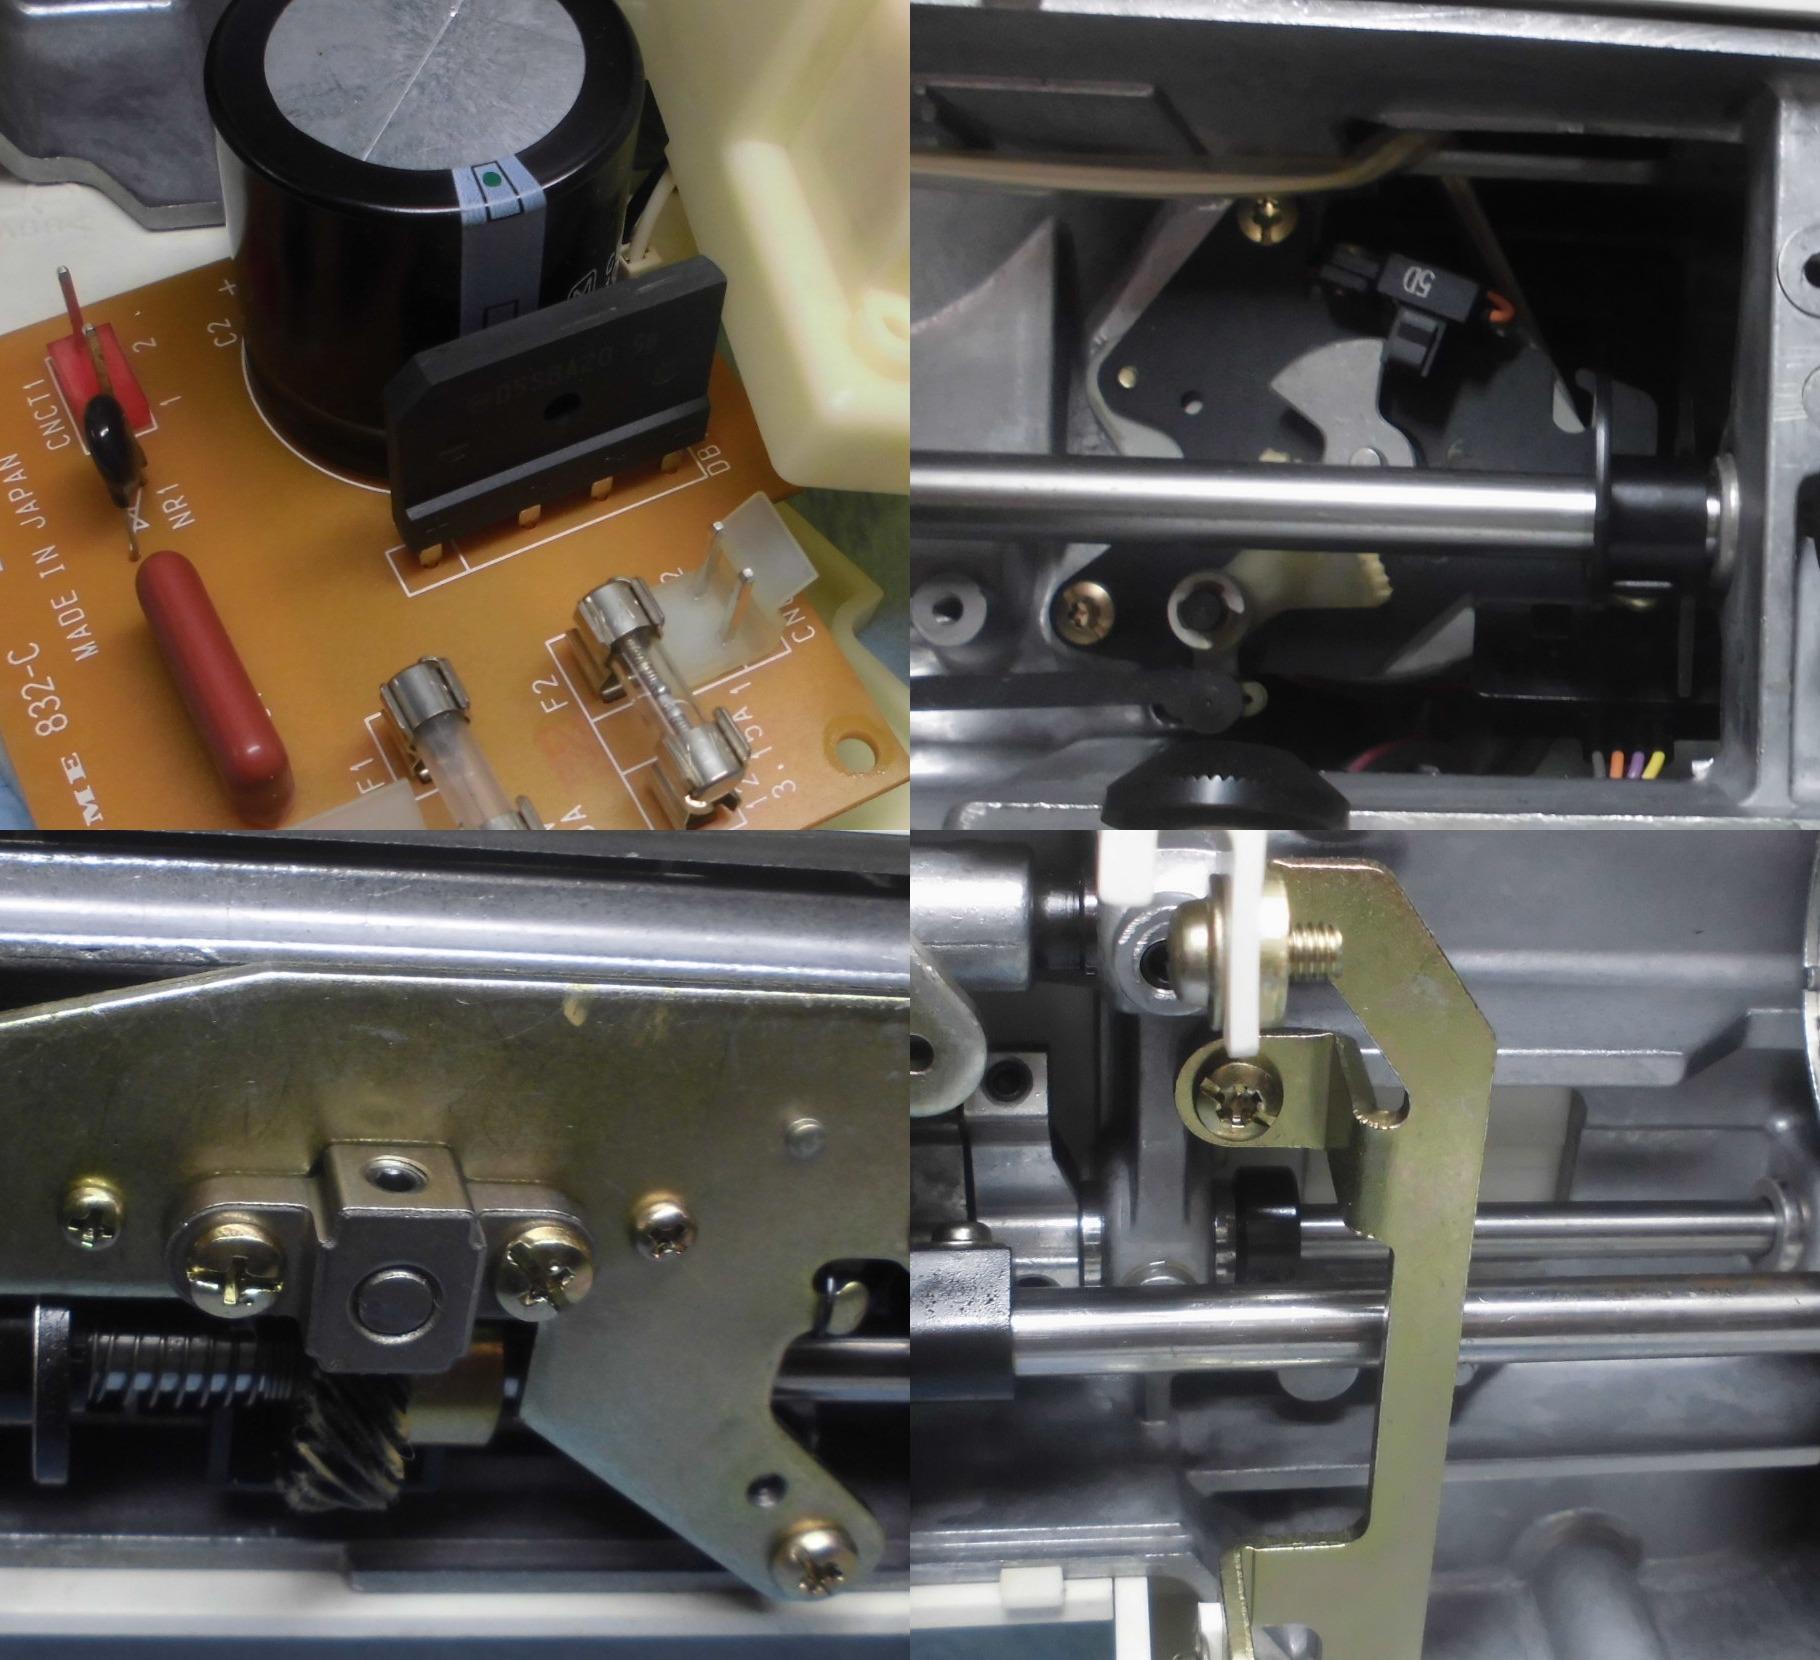 ジャノメミシン セシオ8500の全体オーバーホールメンテナンス修理